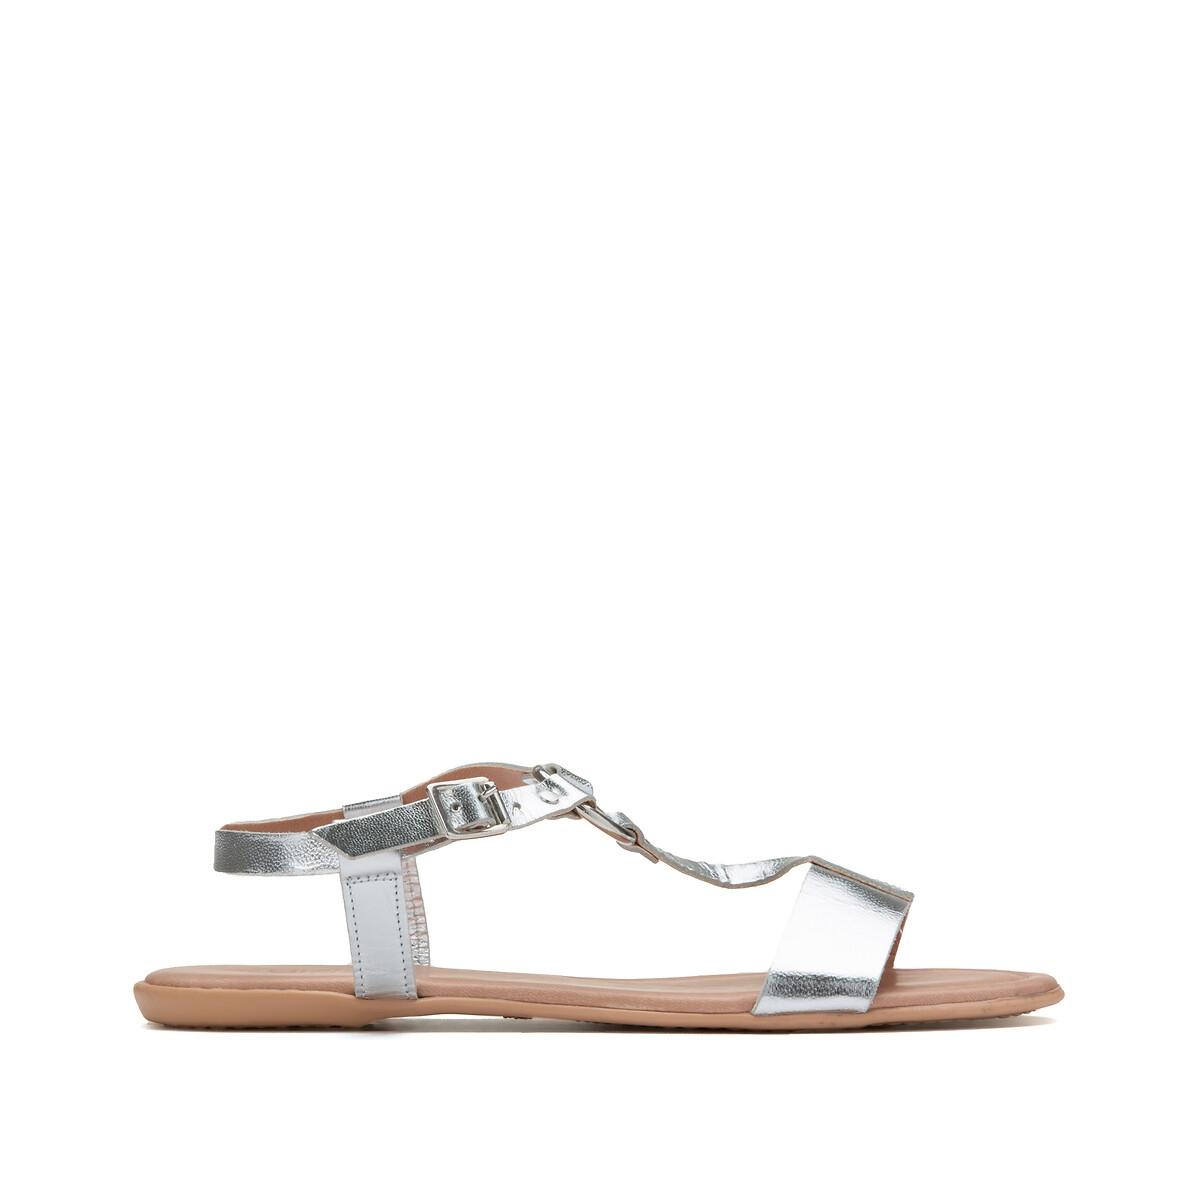 Sandalias de piel Kona